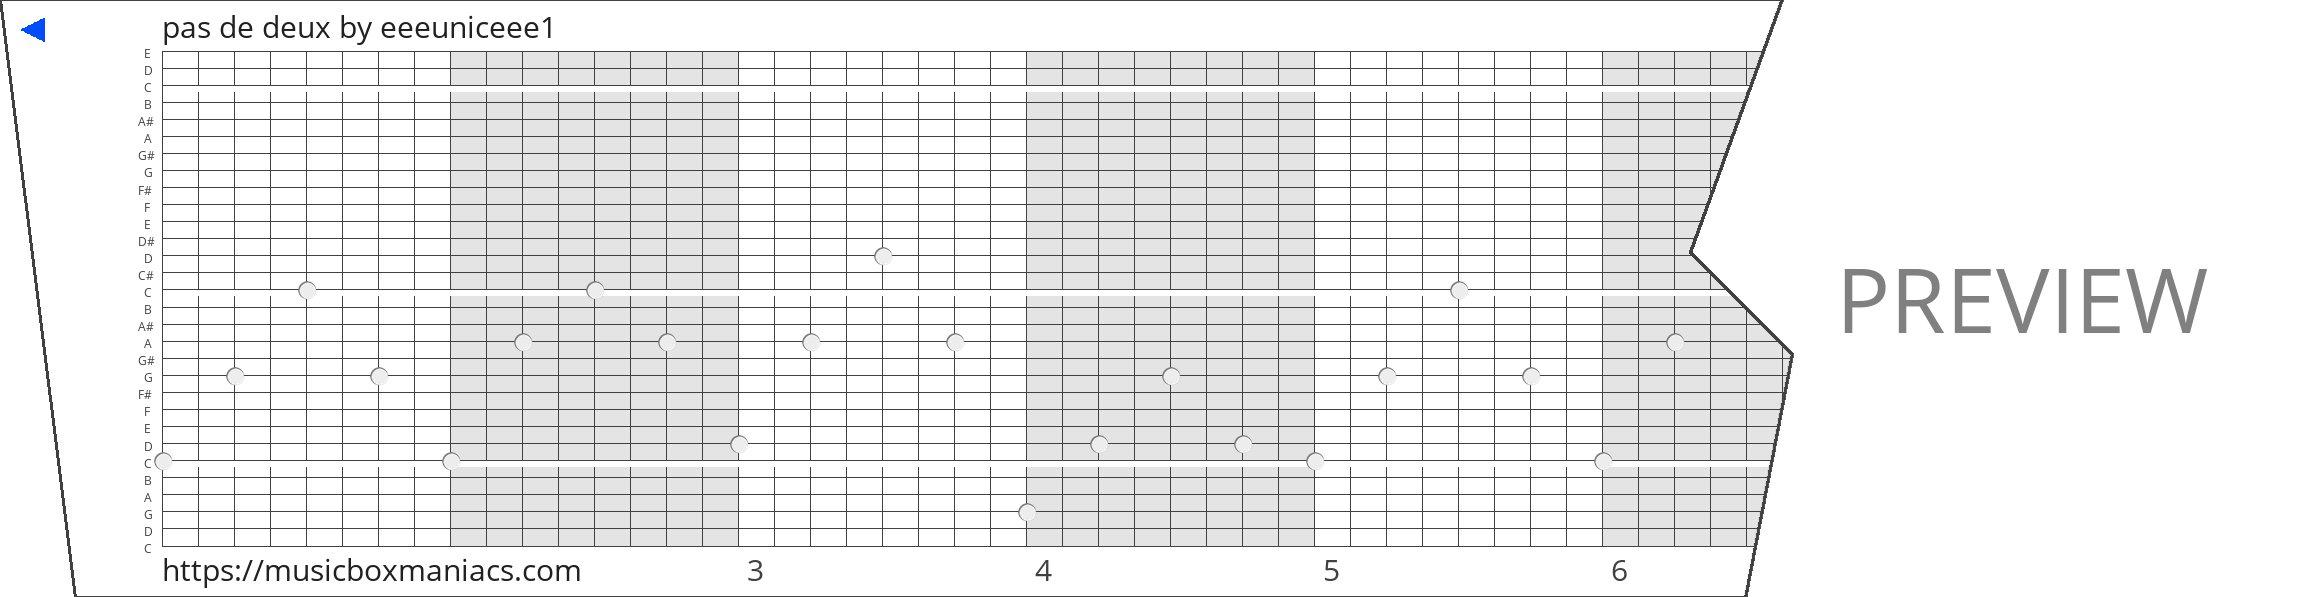 pas de deux 30 note music box paper strip